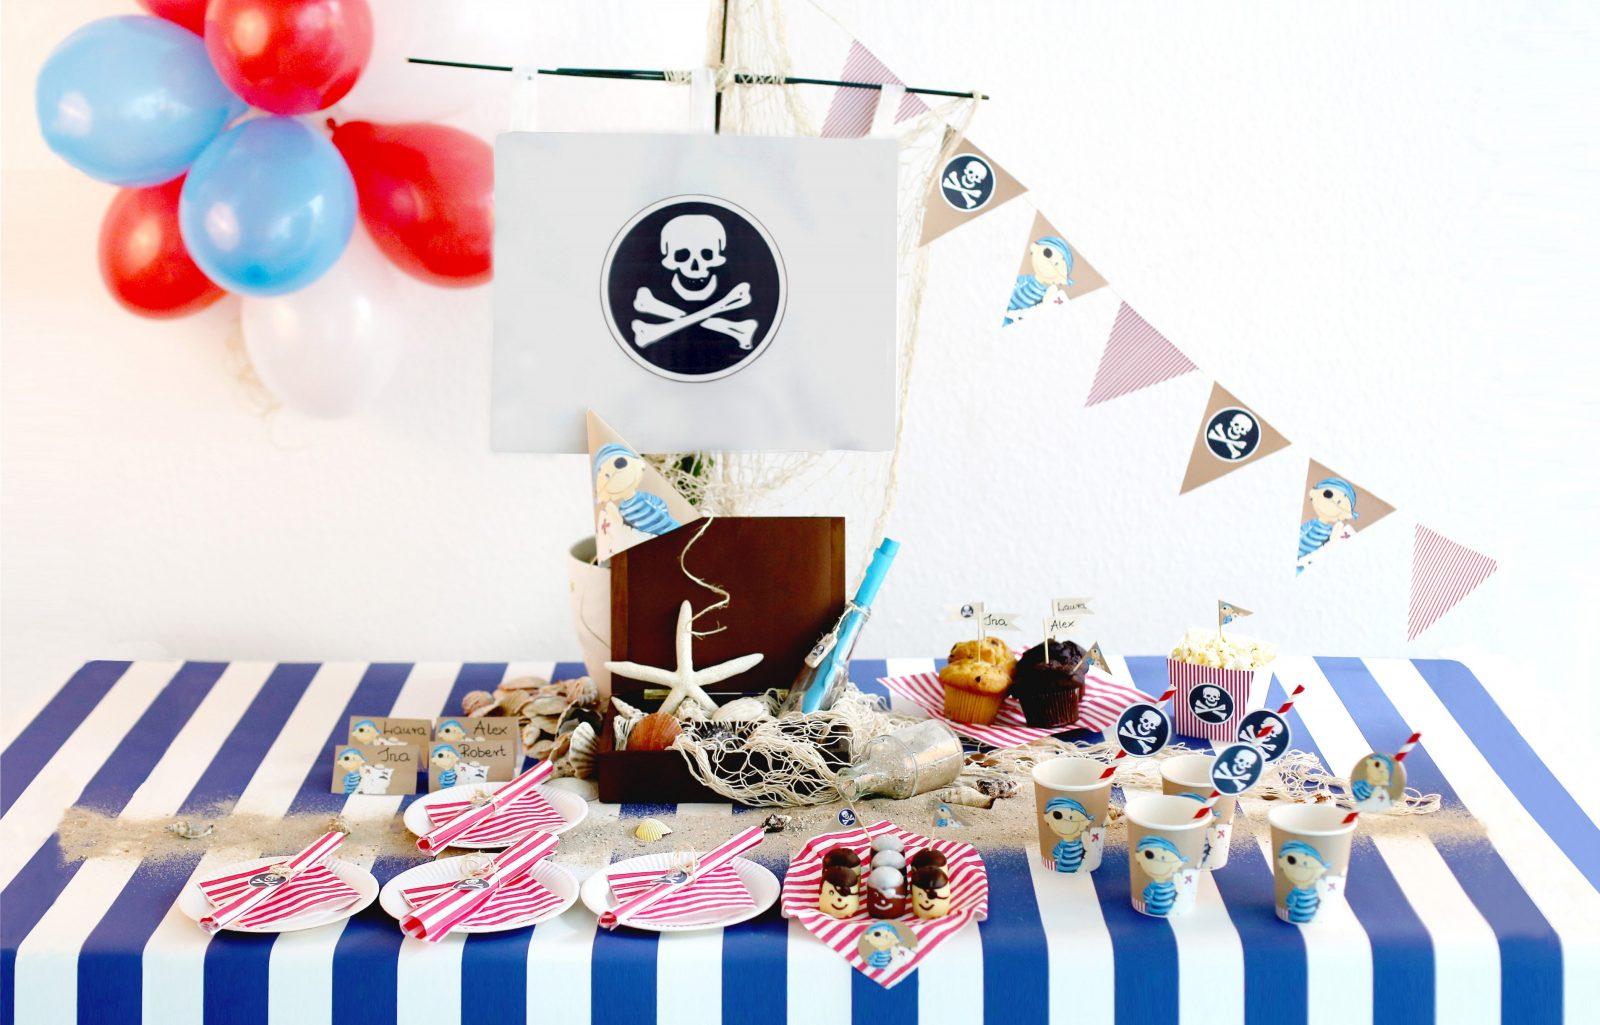 Tolle Deko Für Eine Gelungene Piratenparty  Wundermagazin von Tischdeko Kindergeburtstag Selber Basteln Photo